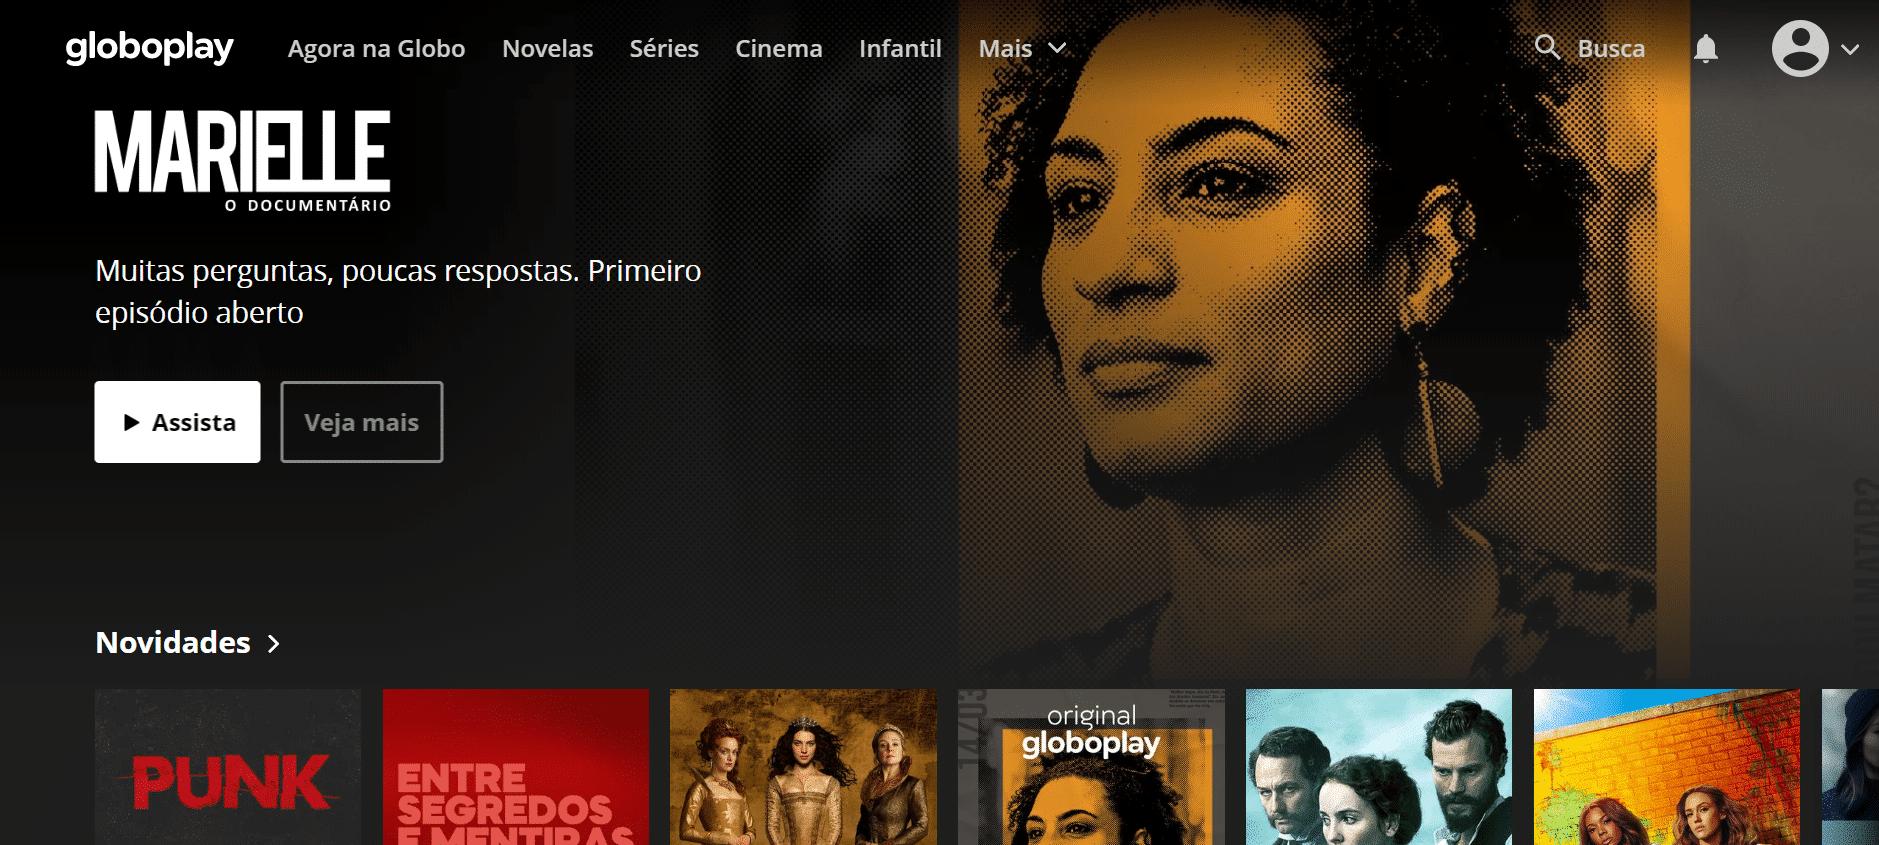 Serviços de streaming Globoplay Divulgação